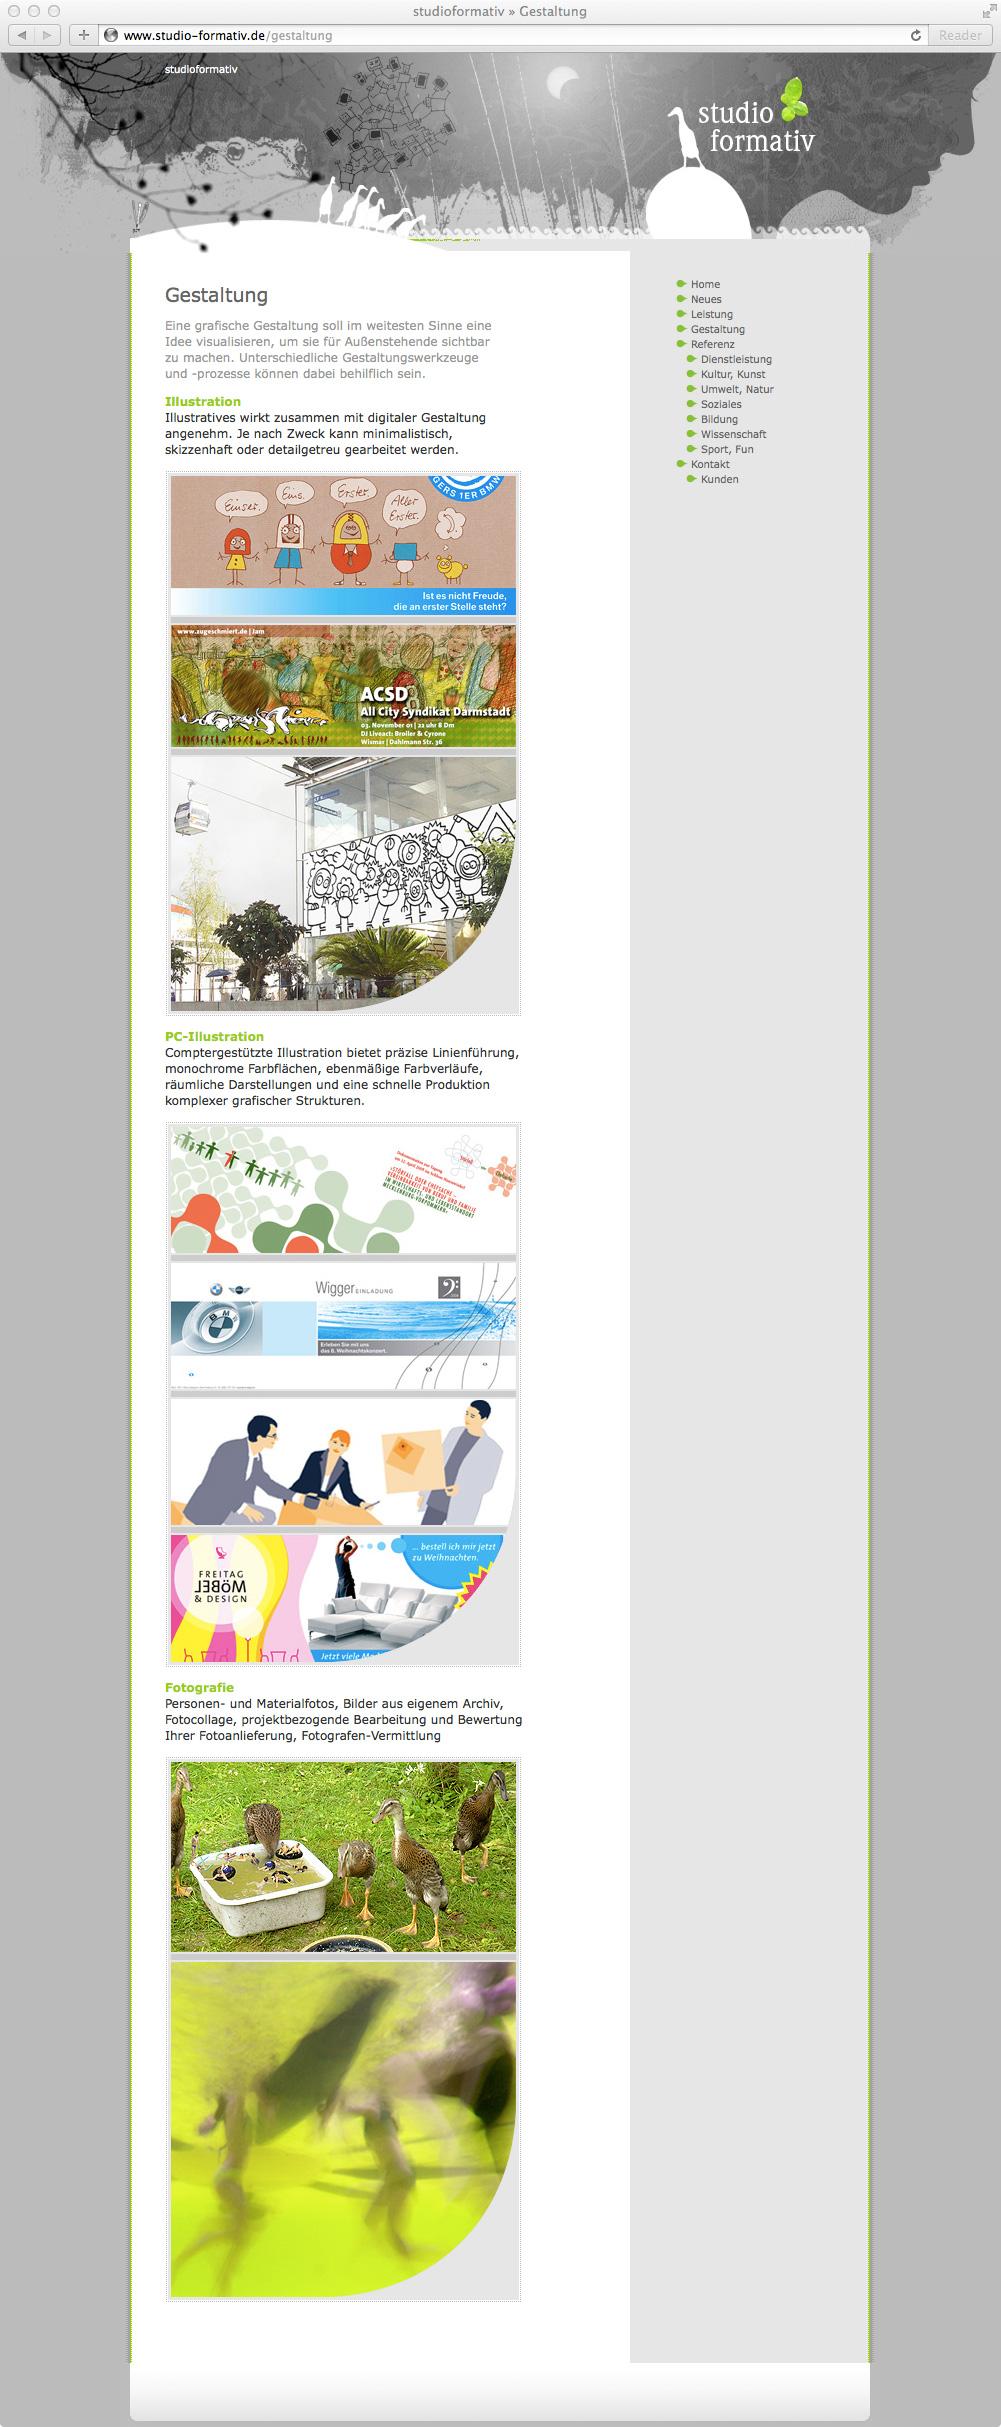 Studio Formativ: Website, Wordpress und Gestaltungstechnik